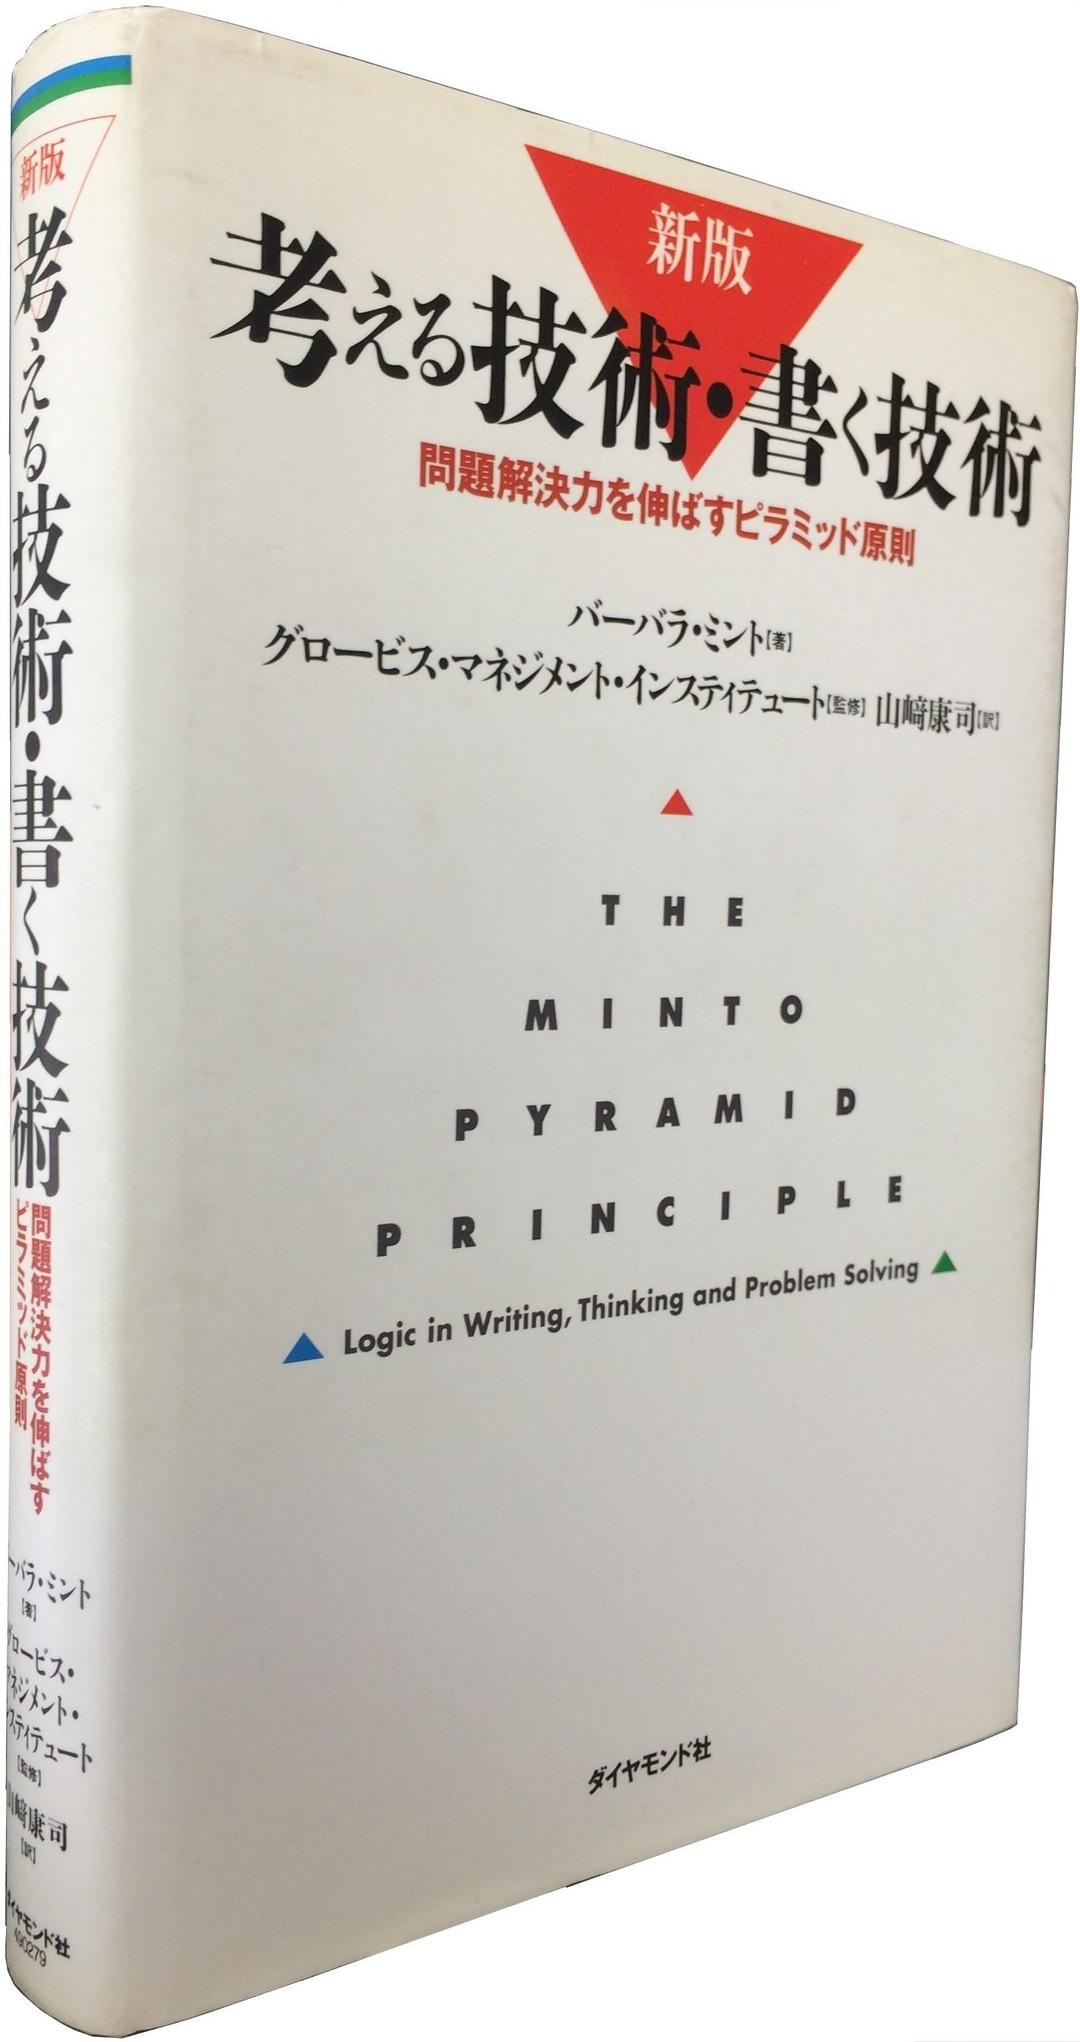 ロジカルシンキング、問題解決力の根本を解説<br />マッキンゼーで教えられている文章作成術の決定版